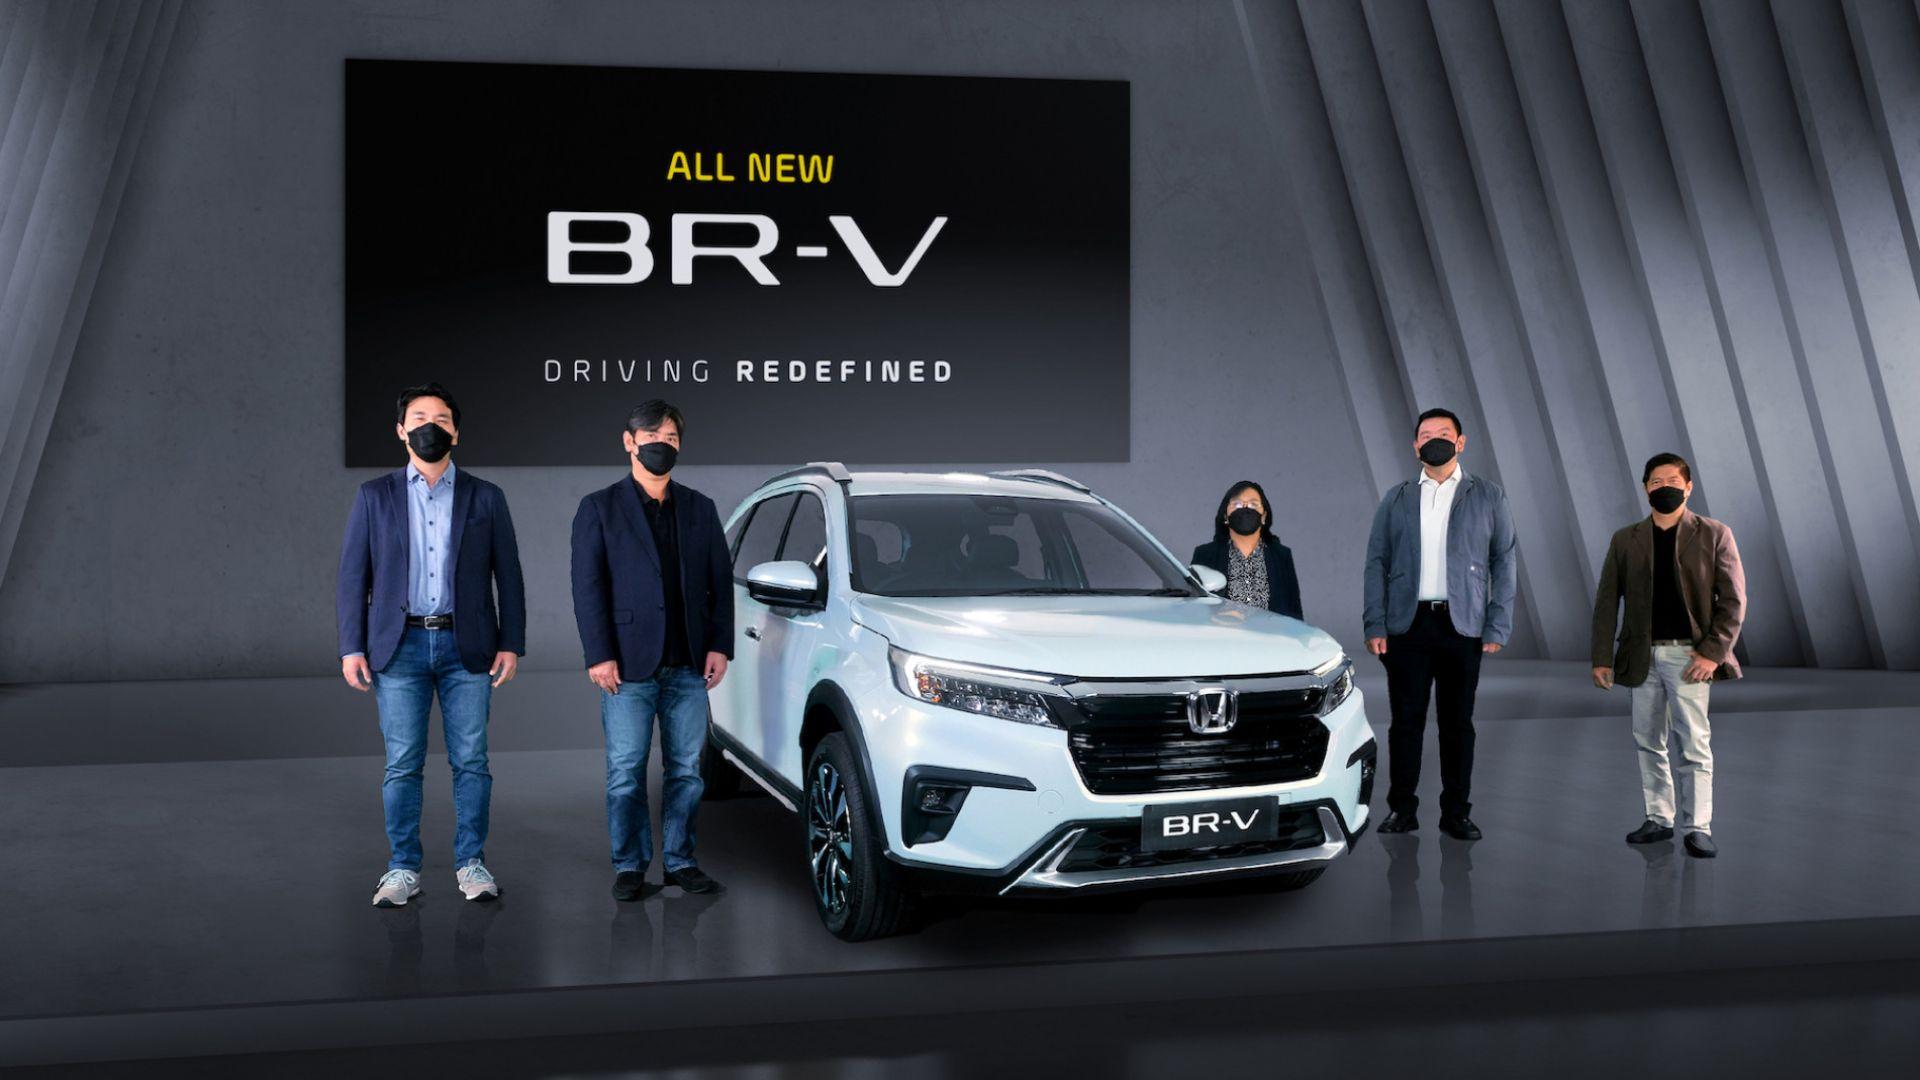 搭1.5L发动机,新款本田BR-V于印度尼西亚正式亮相